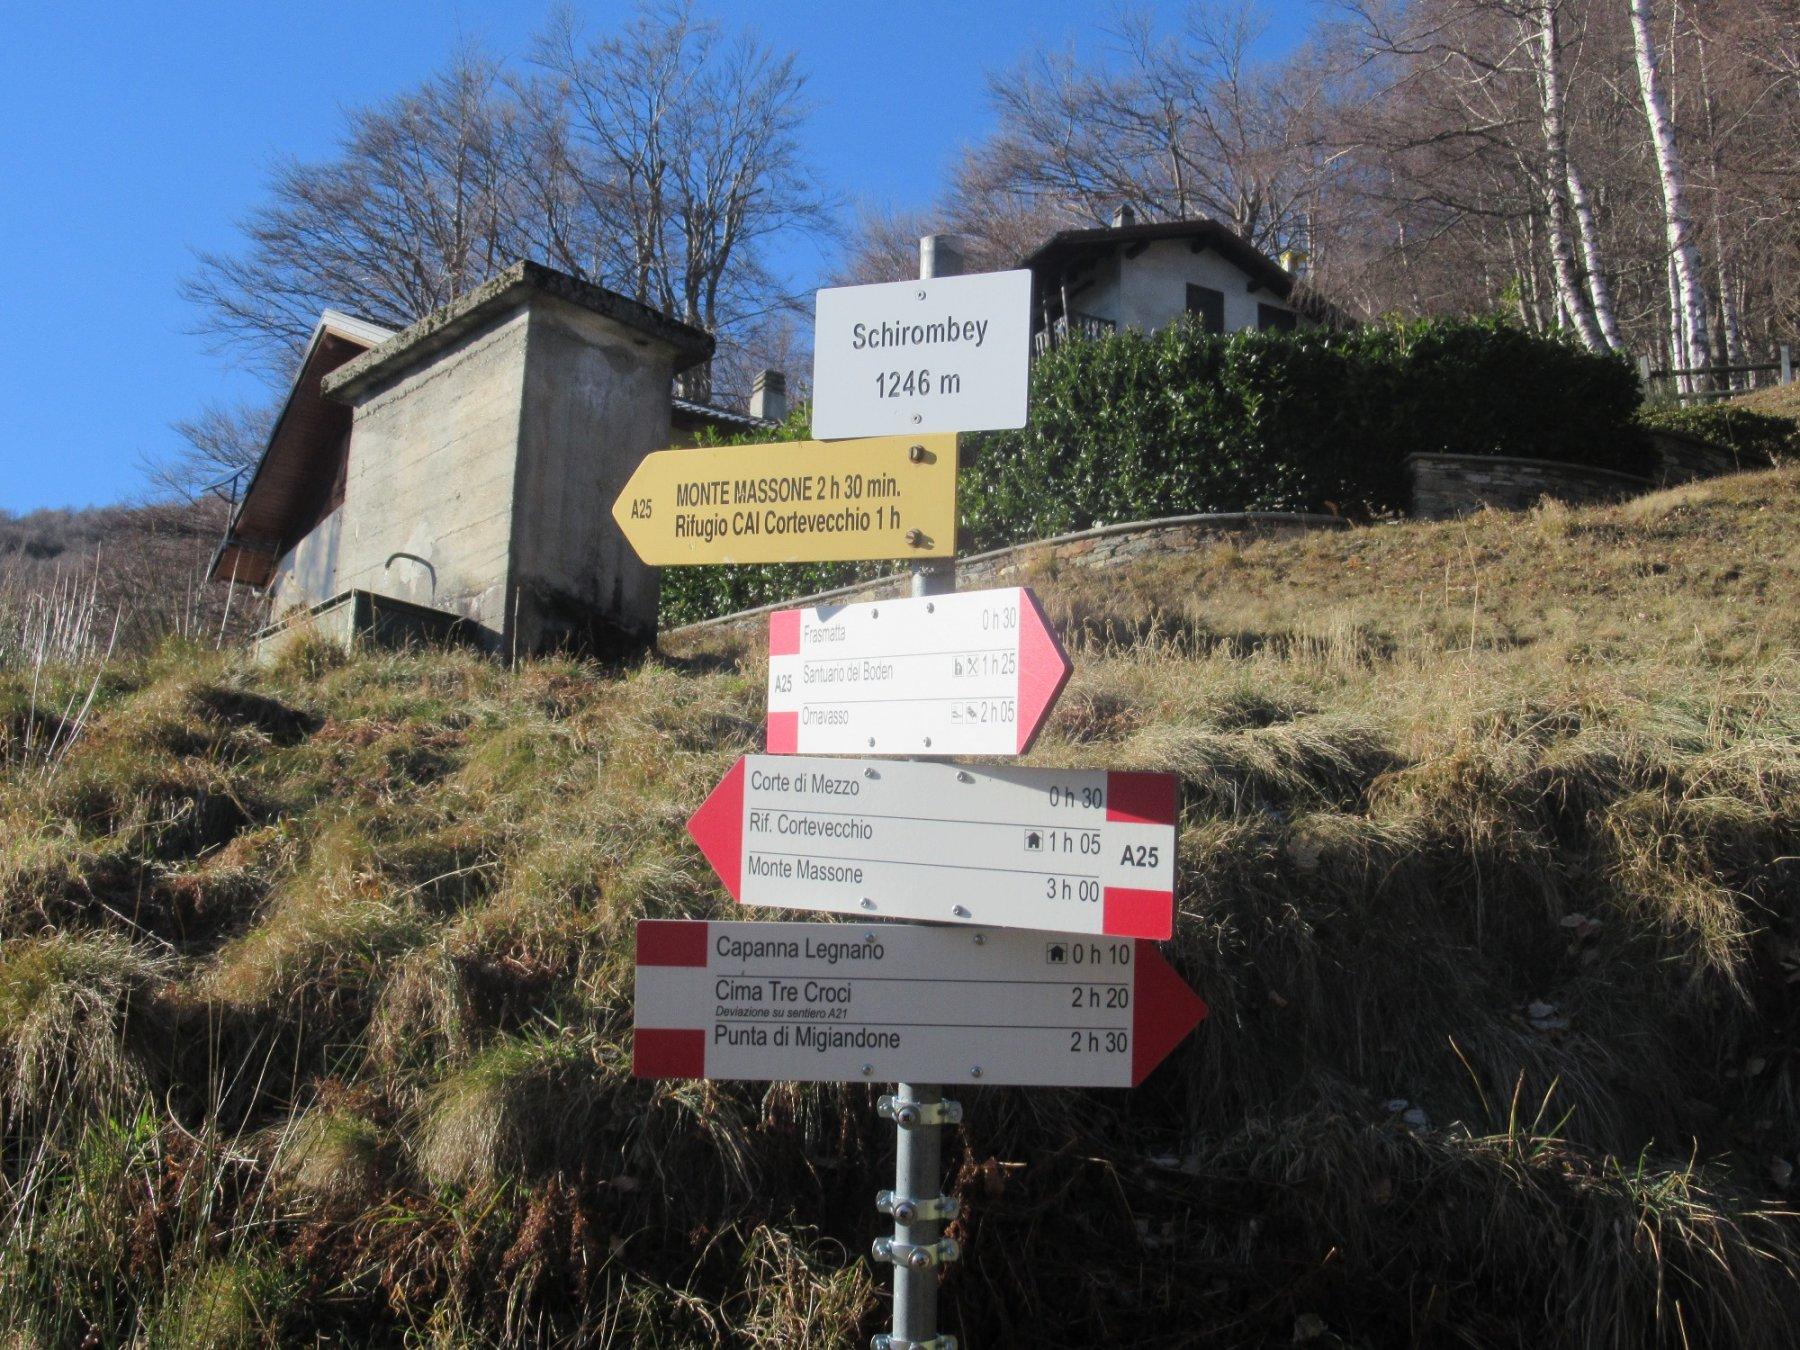 Il bivio per la Capanna Legnano